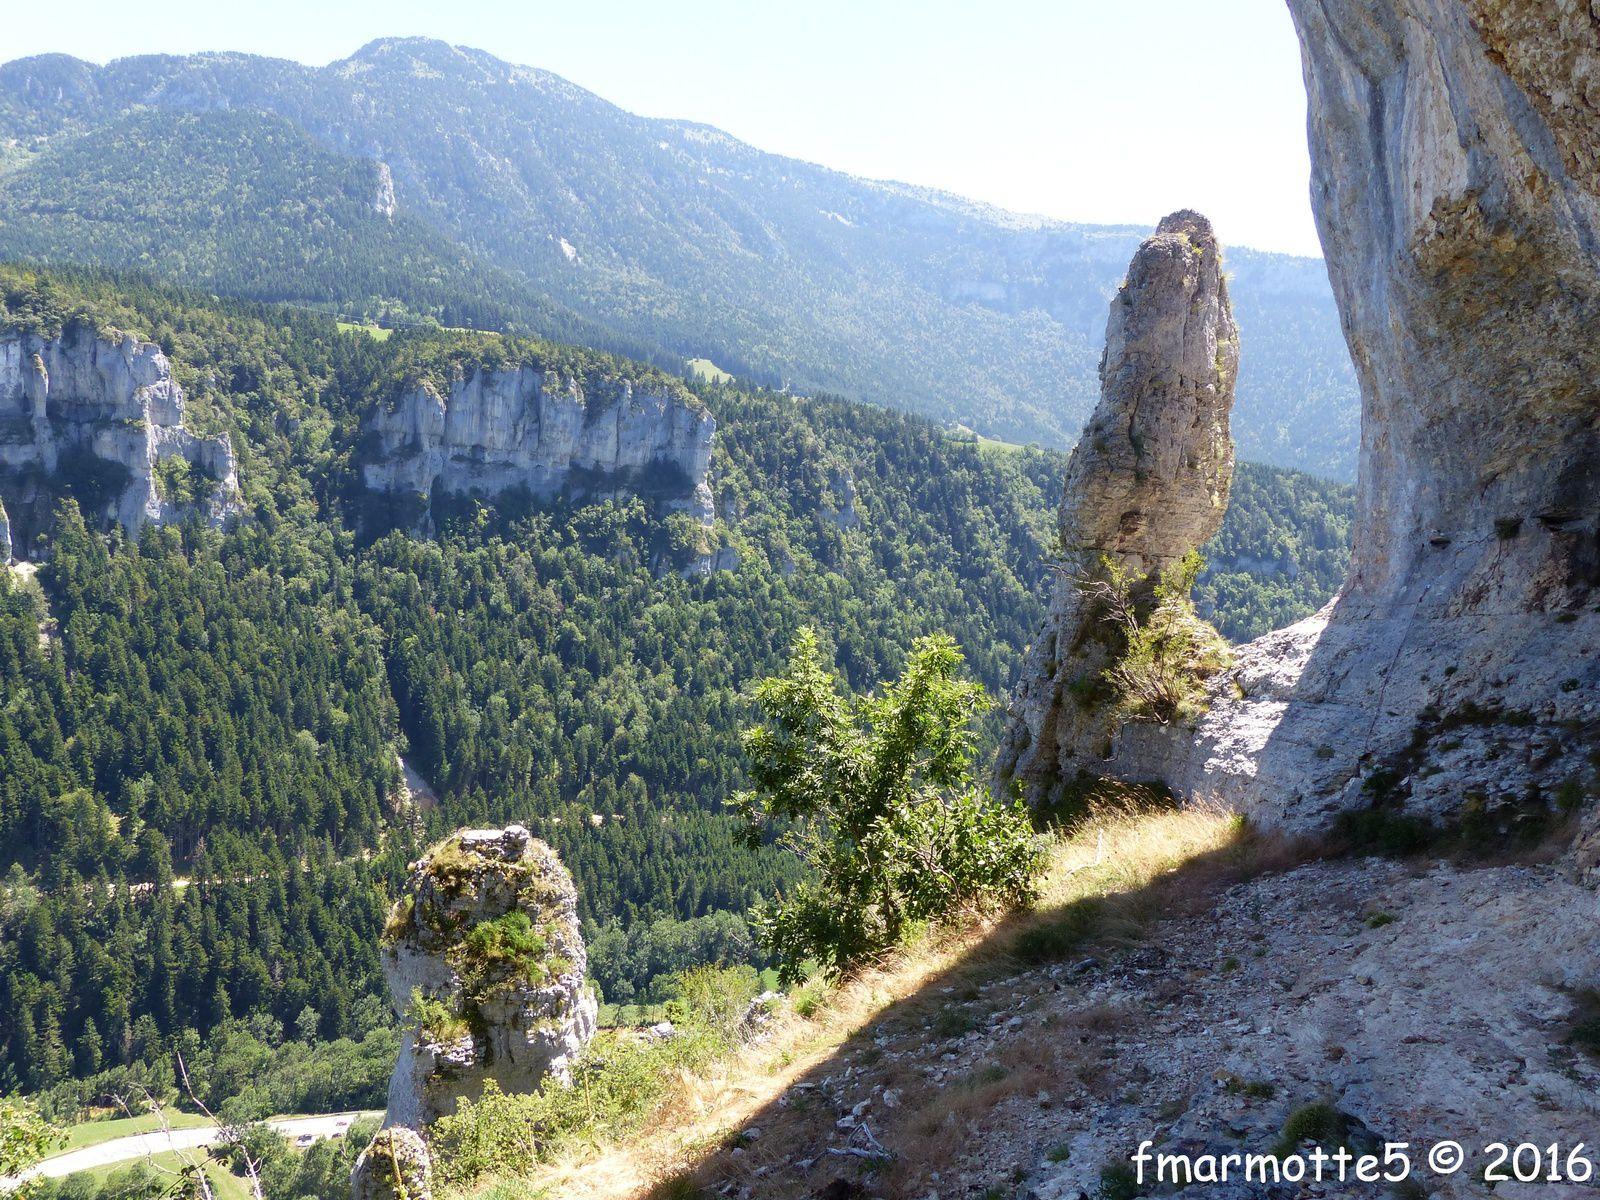 La vire des monolithes, Vercors, Engins.